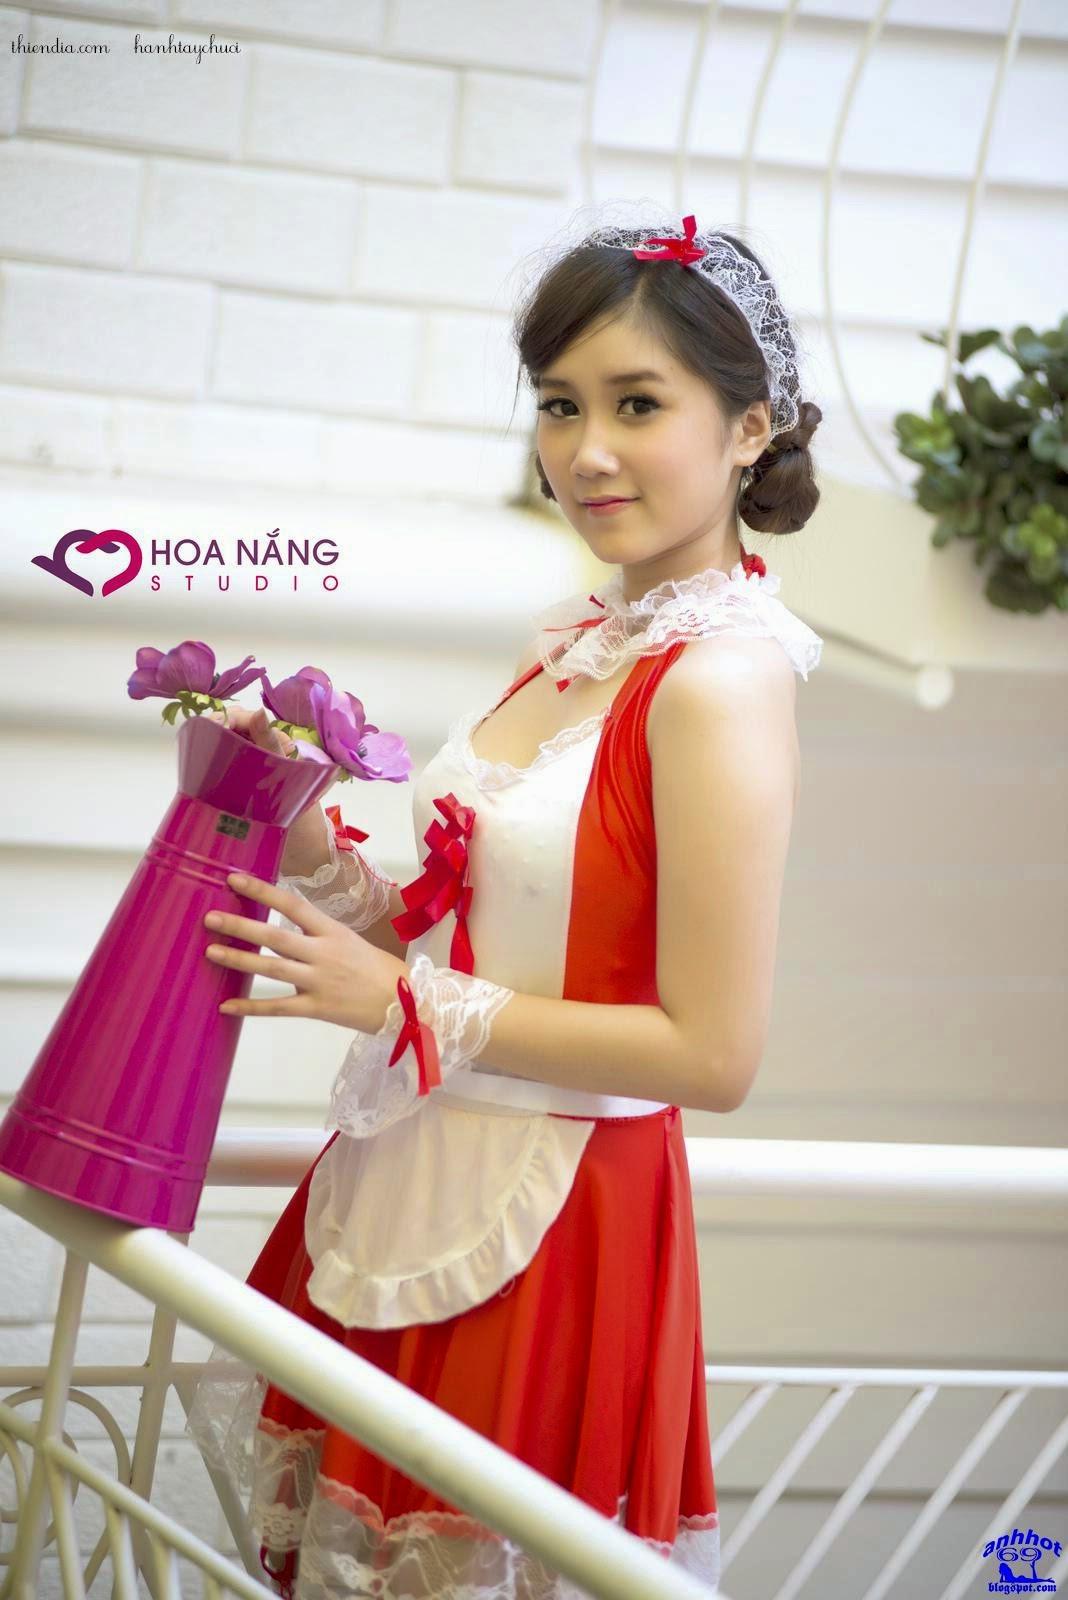 hau_ban_cute_8885558708_9d8360ff04